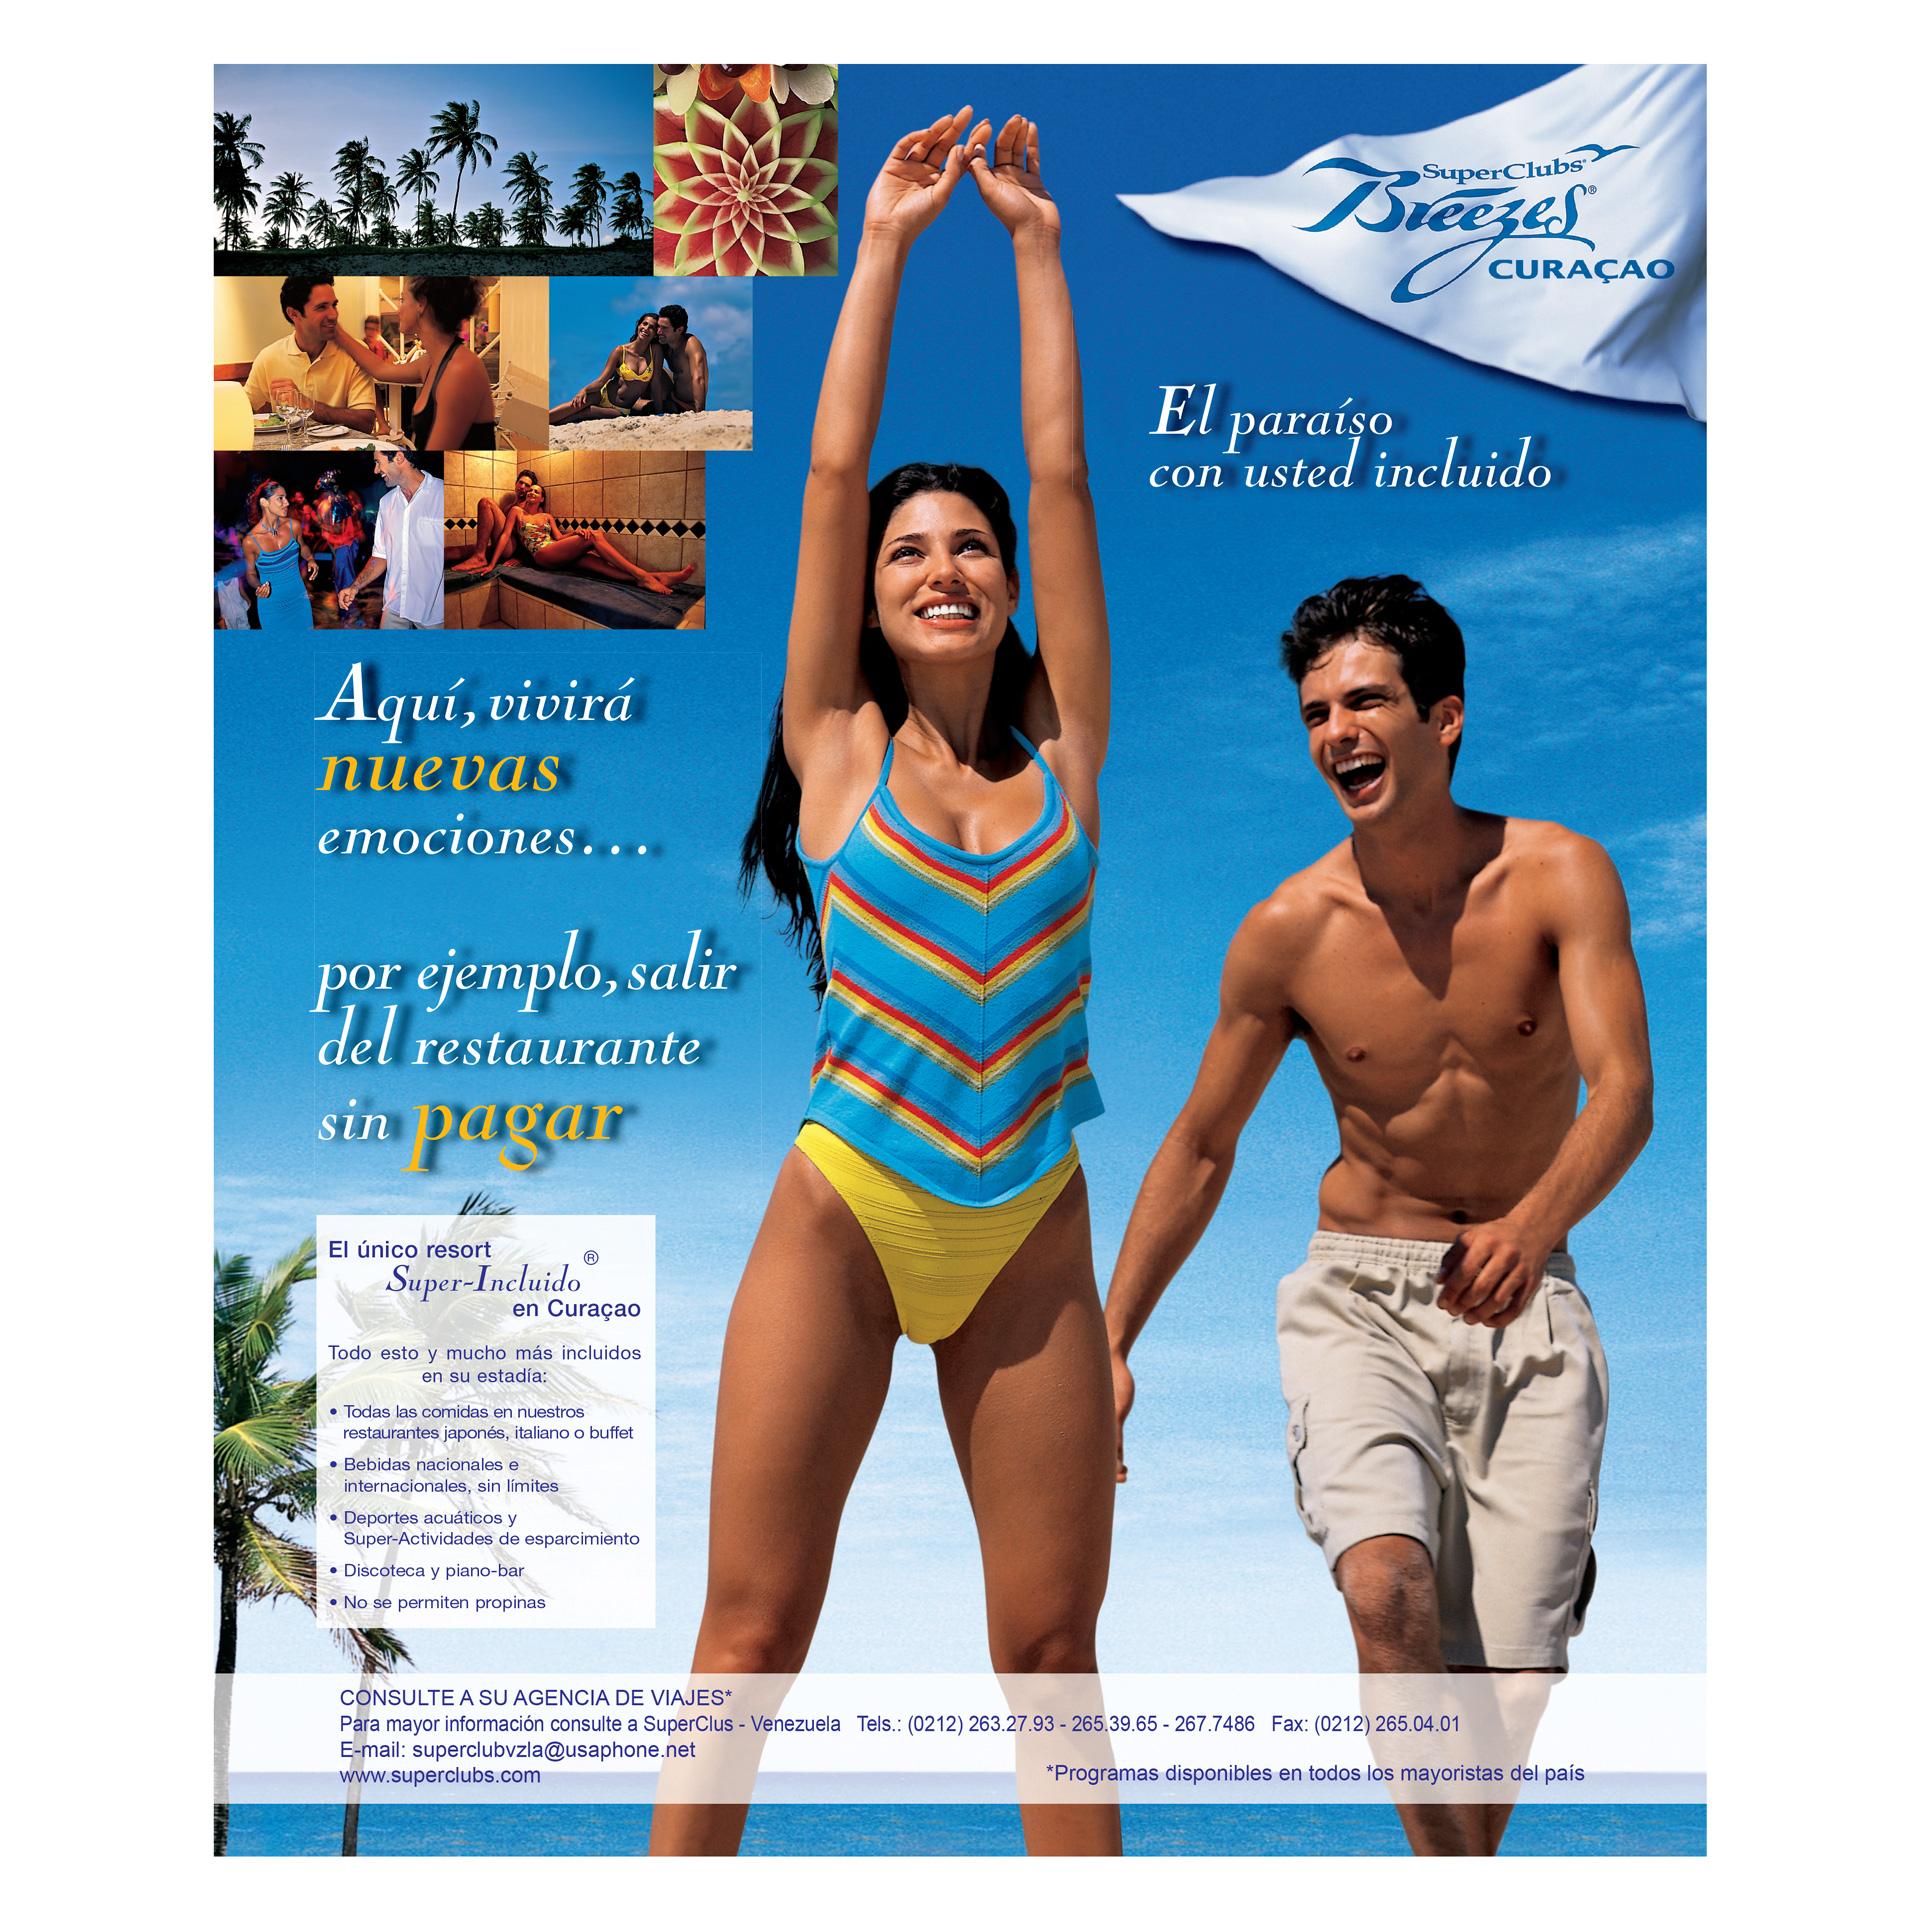 Campaña SuperClubs Breezes Curaçao